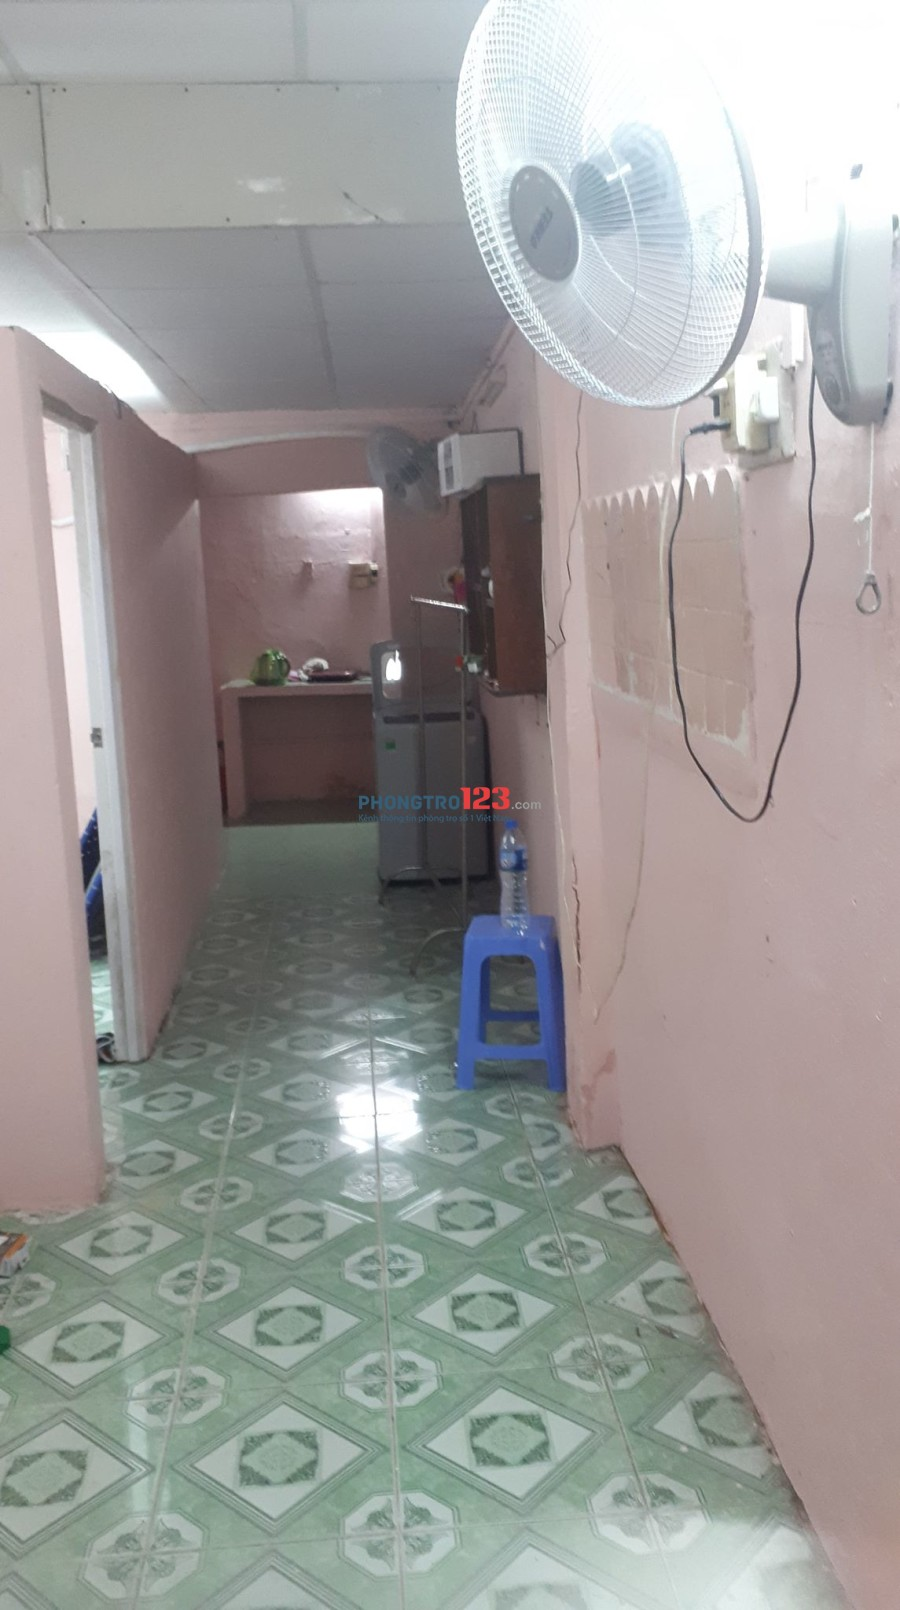 Cho Thuê Nhà Nguyên Căn Hẻm Rộng 5m đường Tân Hóa, Q.6, DT 45m2 - 7tr/tháng. Lh: 0964058216